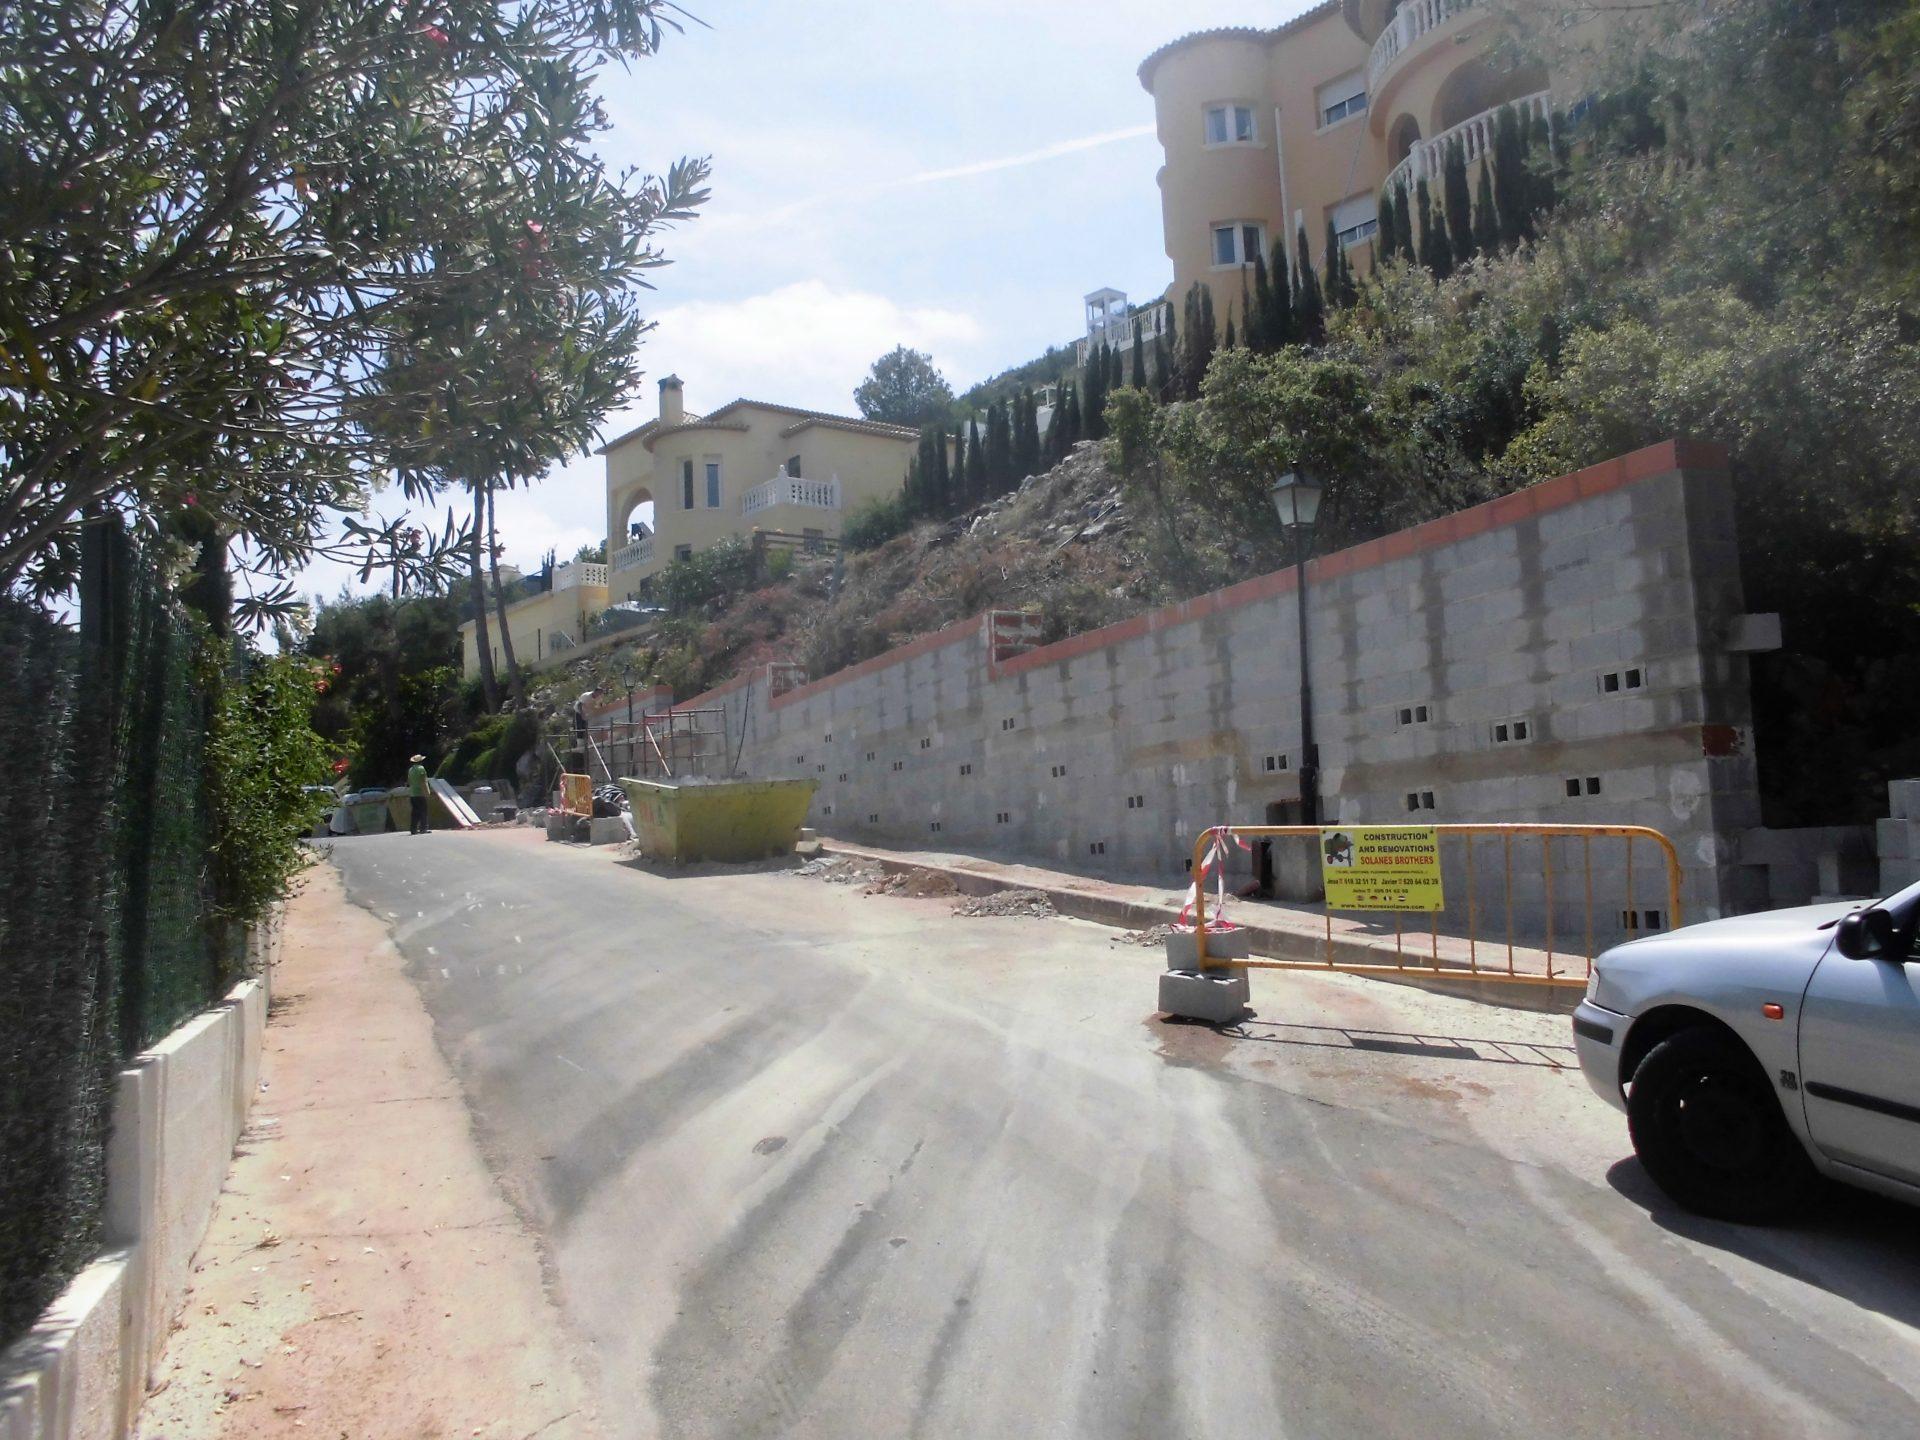 Muro de contención a un chalé en montaña > CIMG0555 2